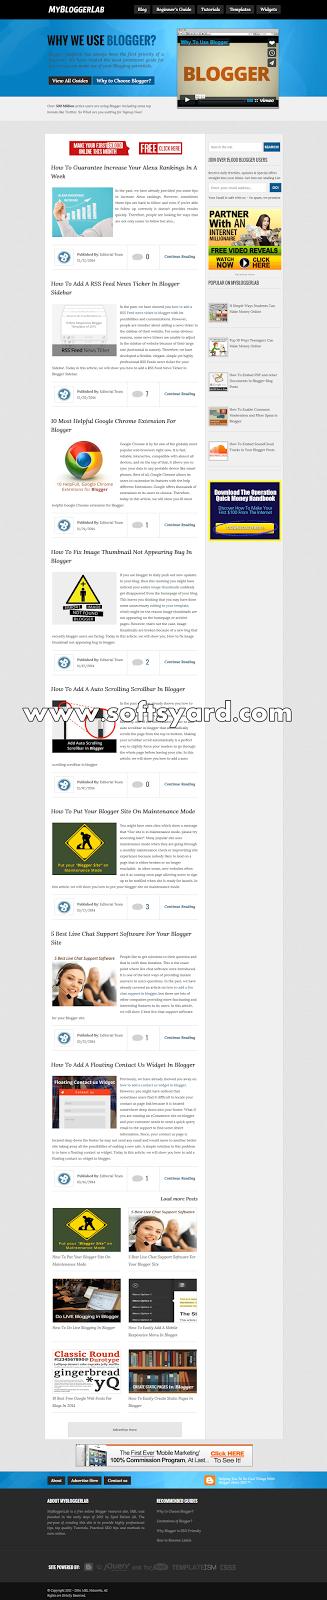 mybloggerlab v2 free download